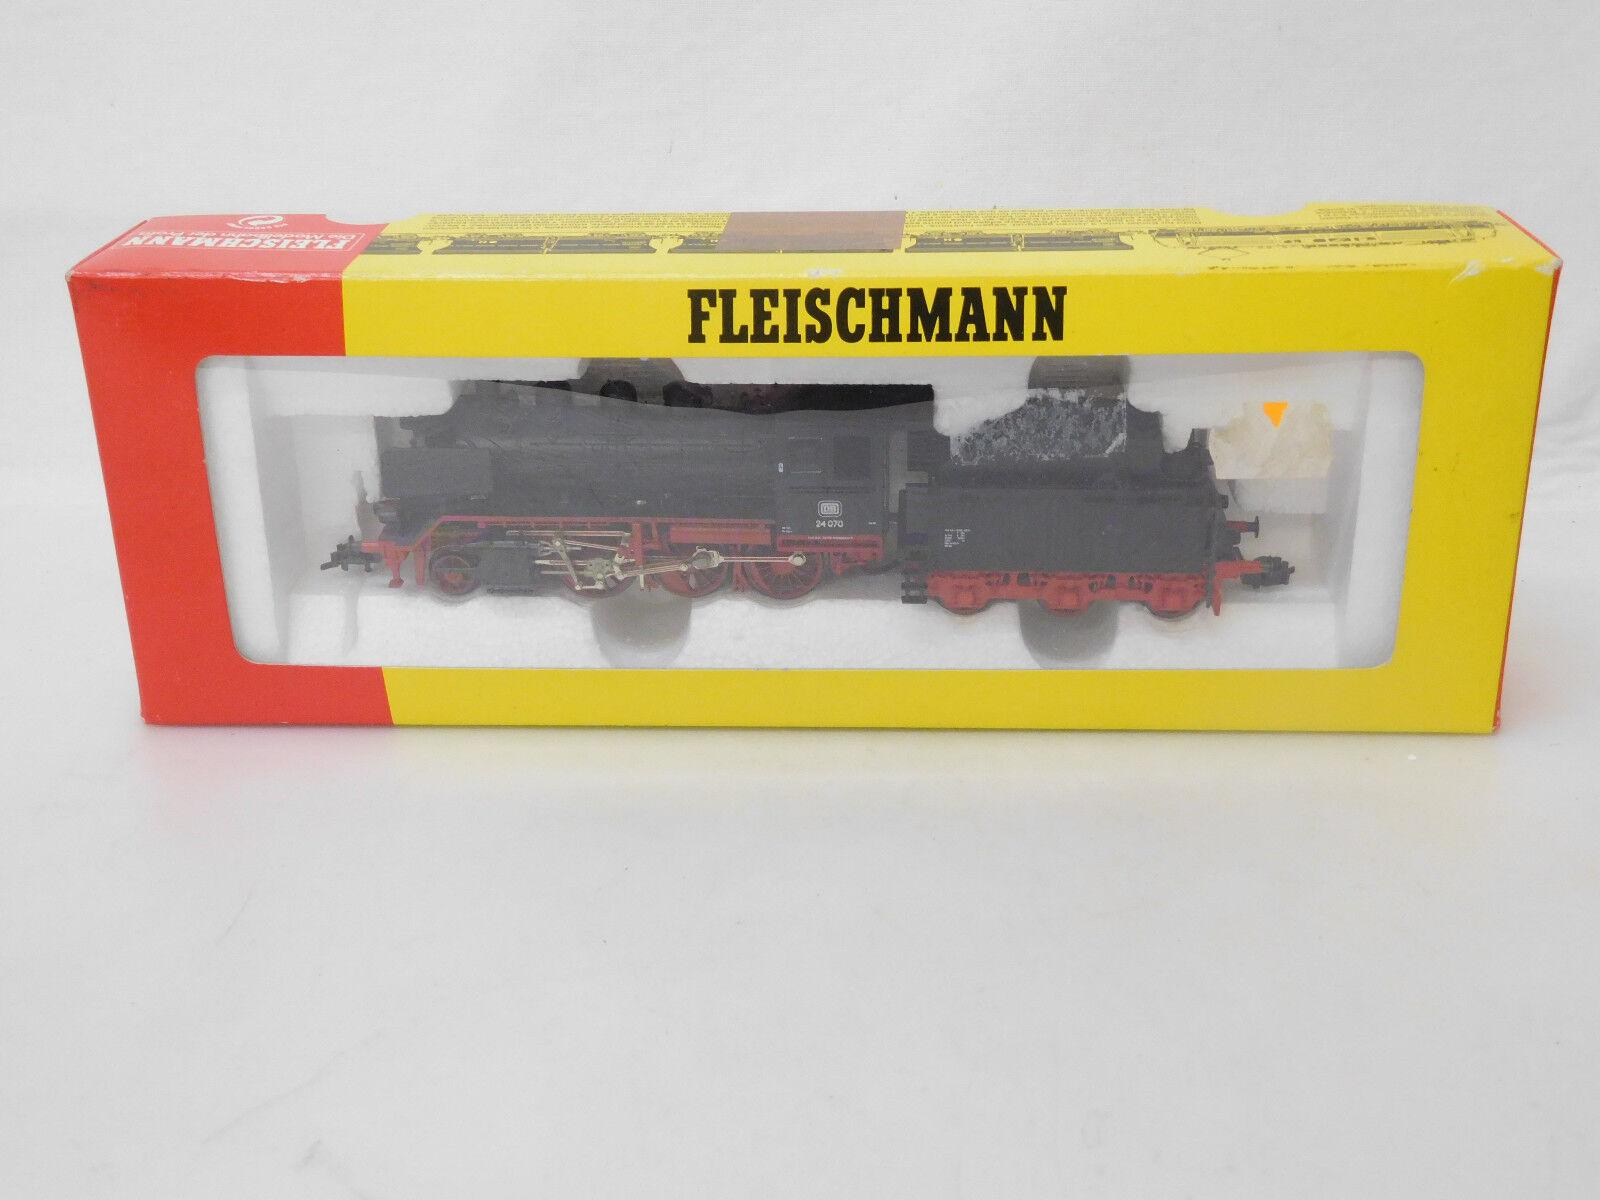 ESF-01677 Fleischmann 964142 H0 Dampflok DB 24  070, sehr guter Zustand